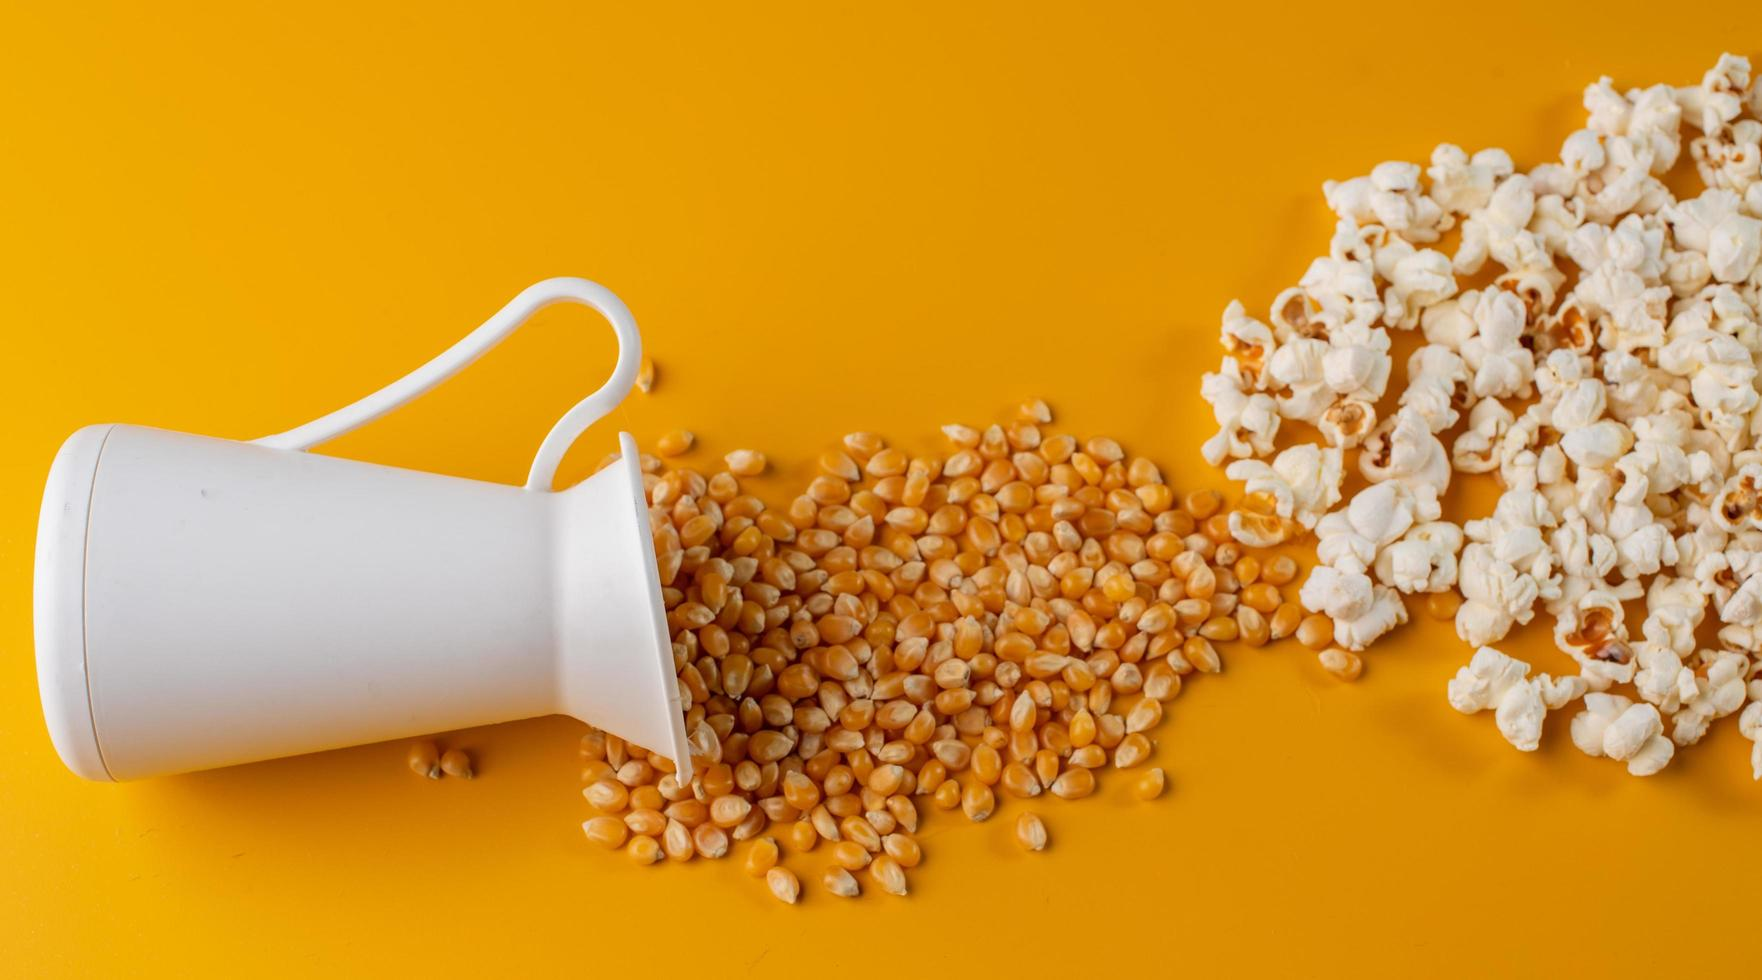 Popcorn kernels spilled over photo